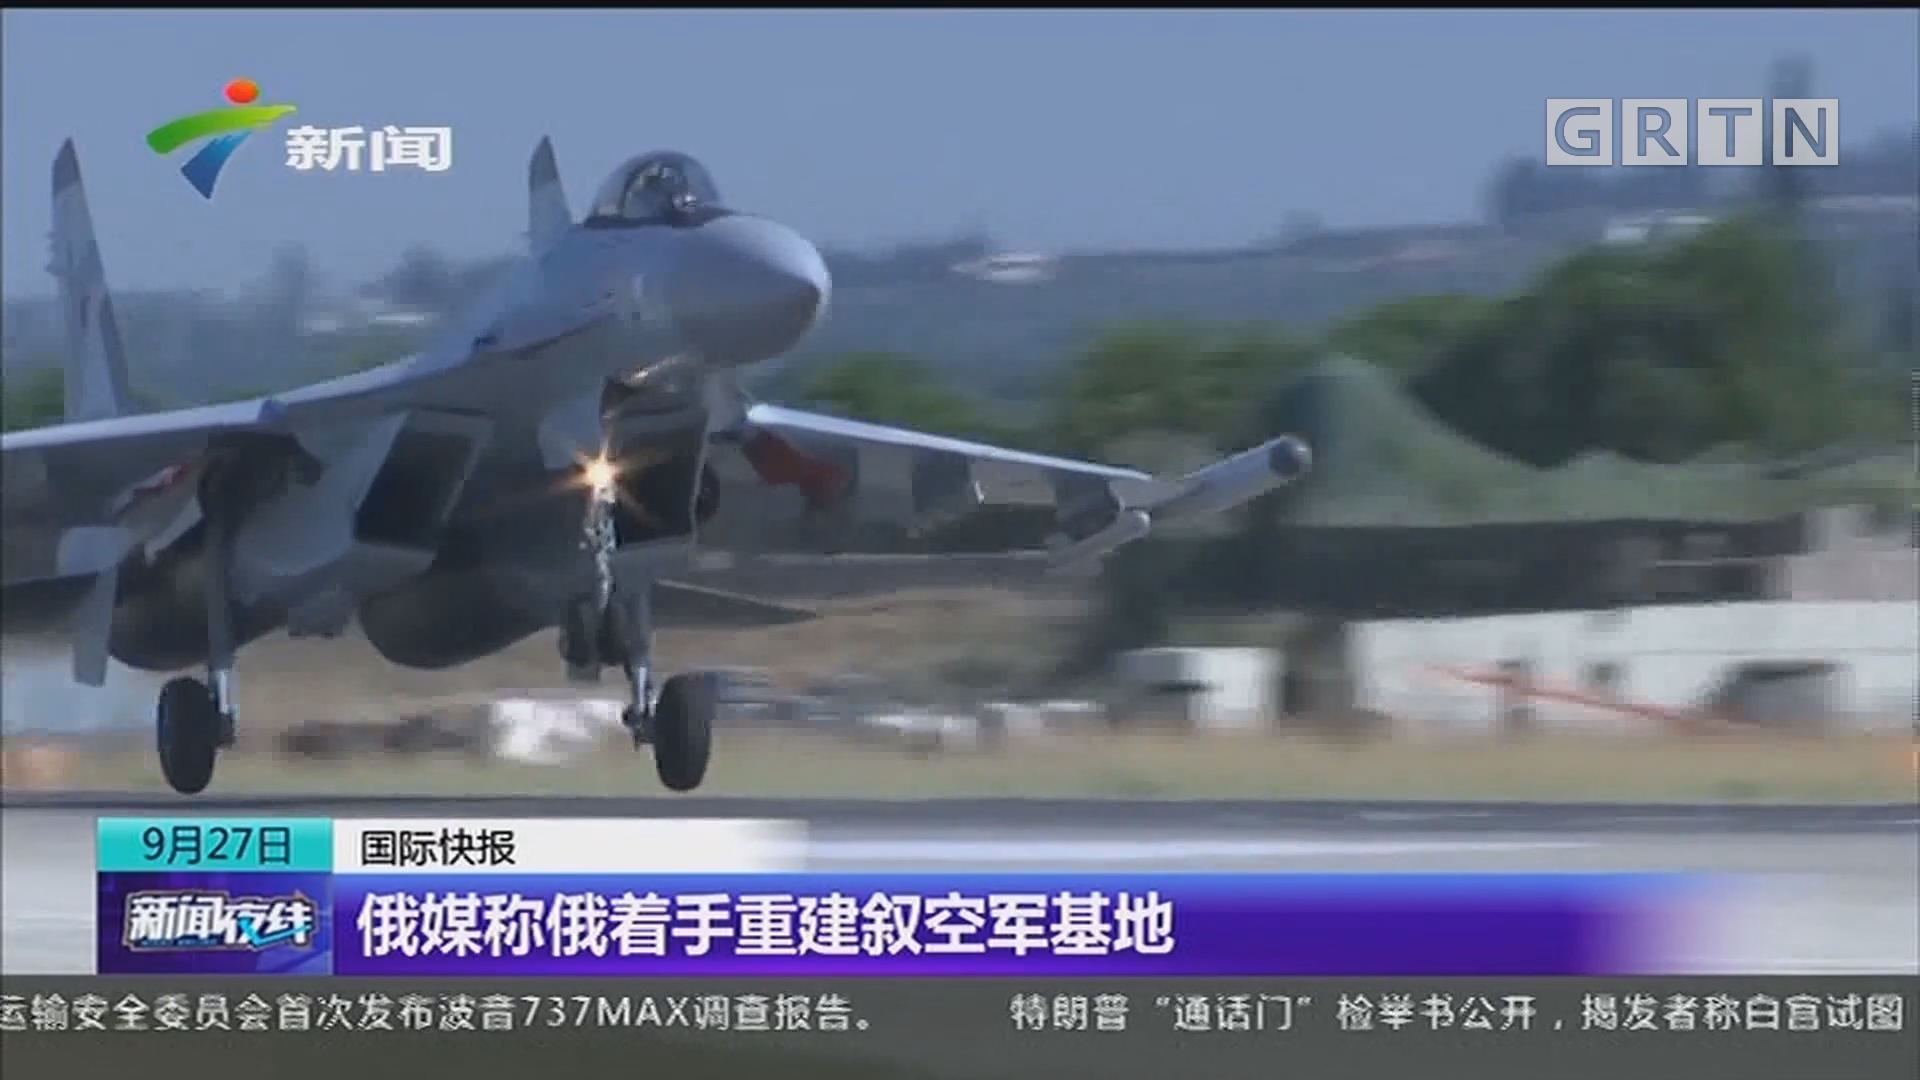 俄媒称俄着手重建叙空军基地